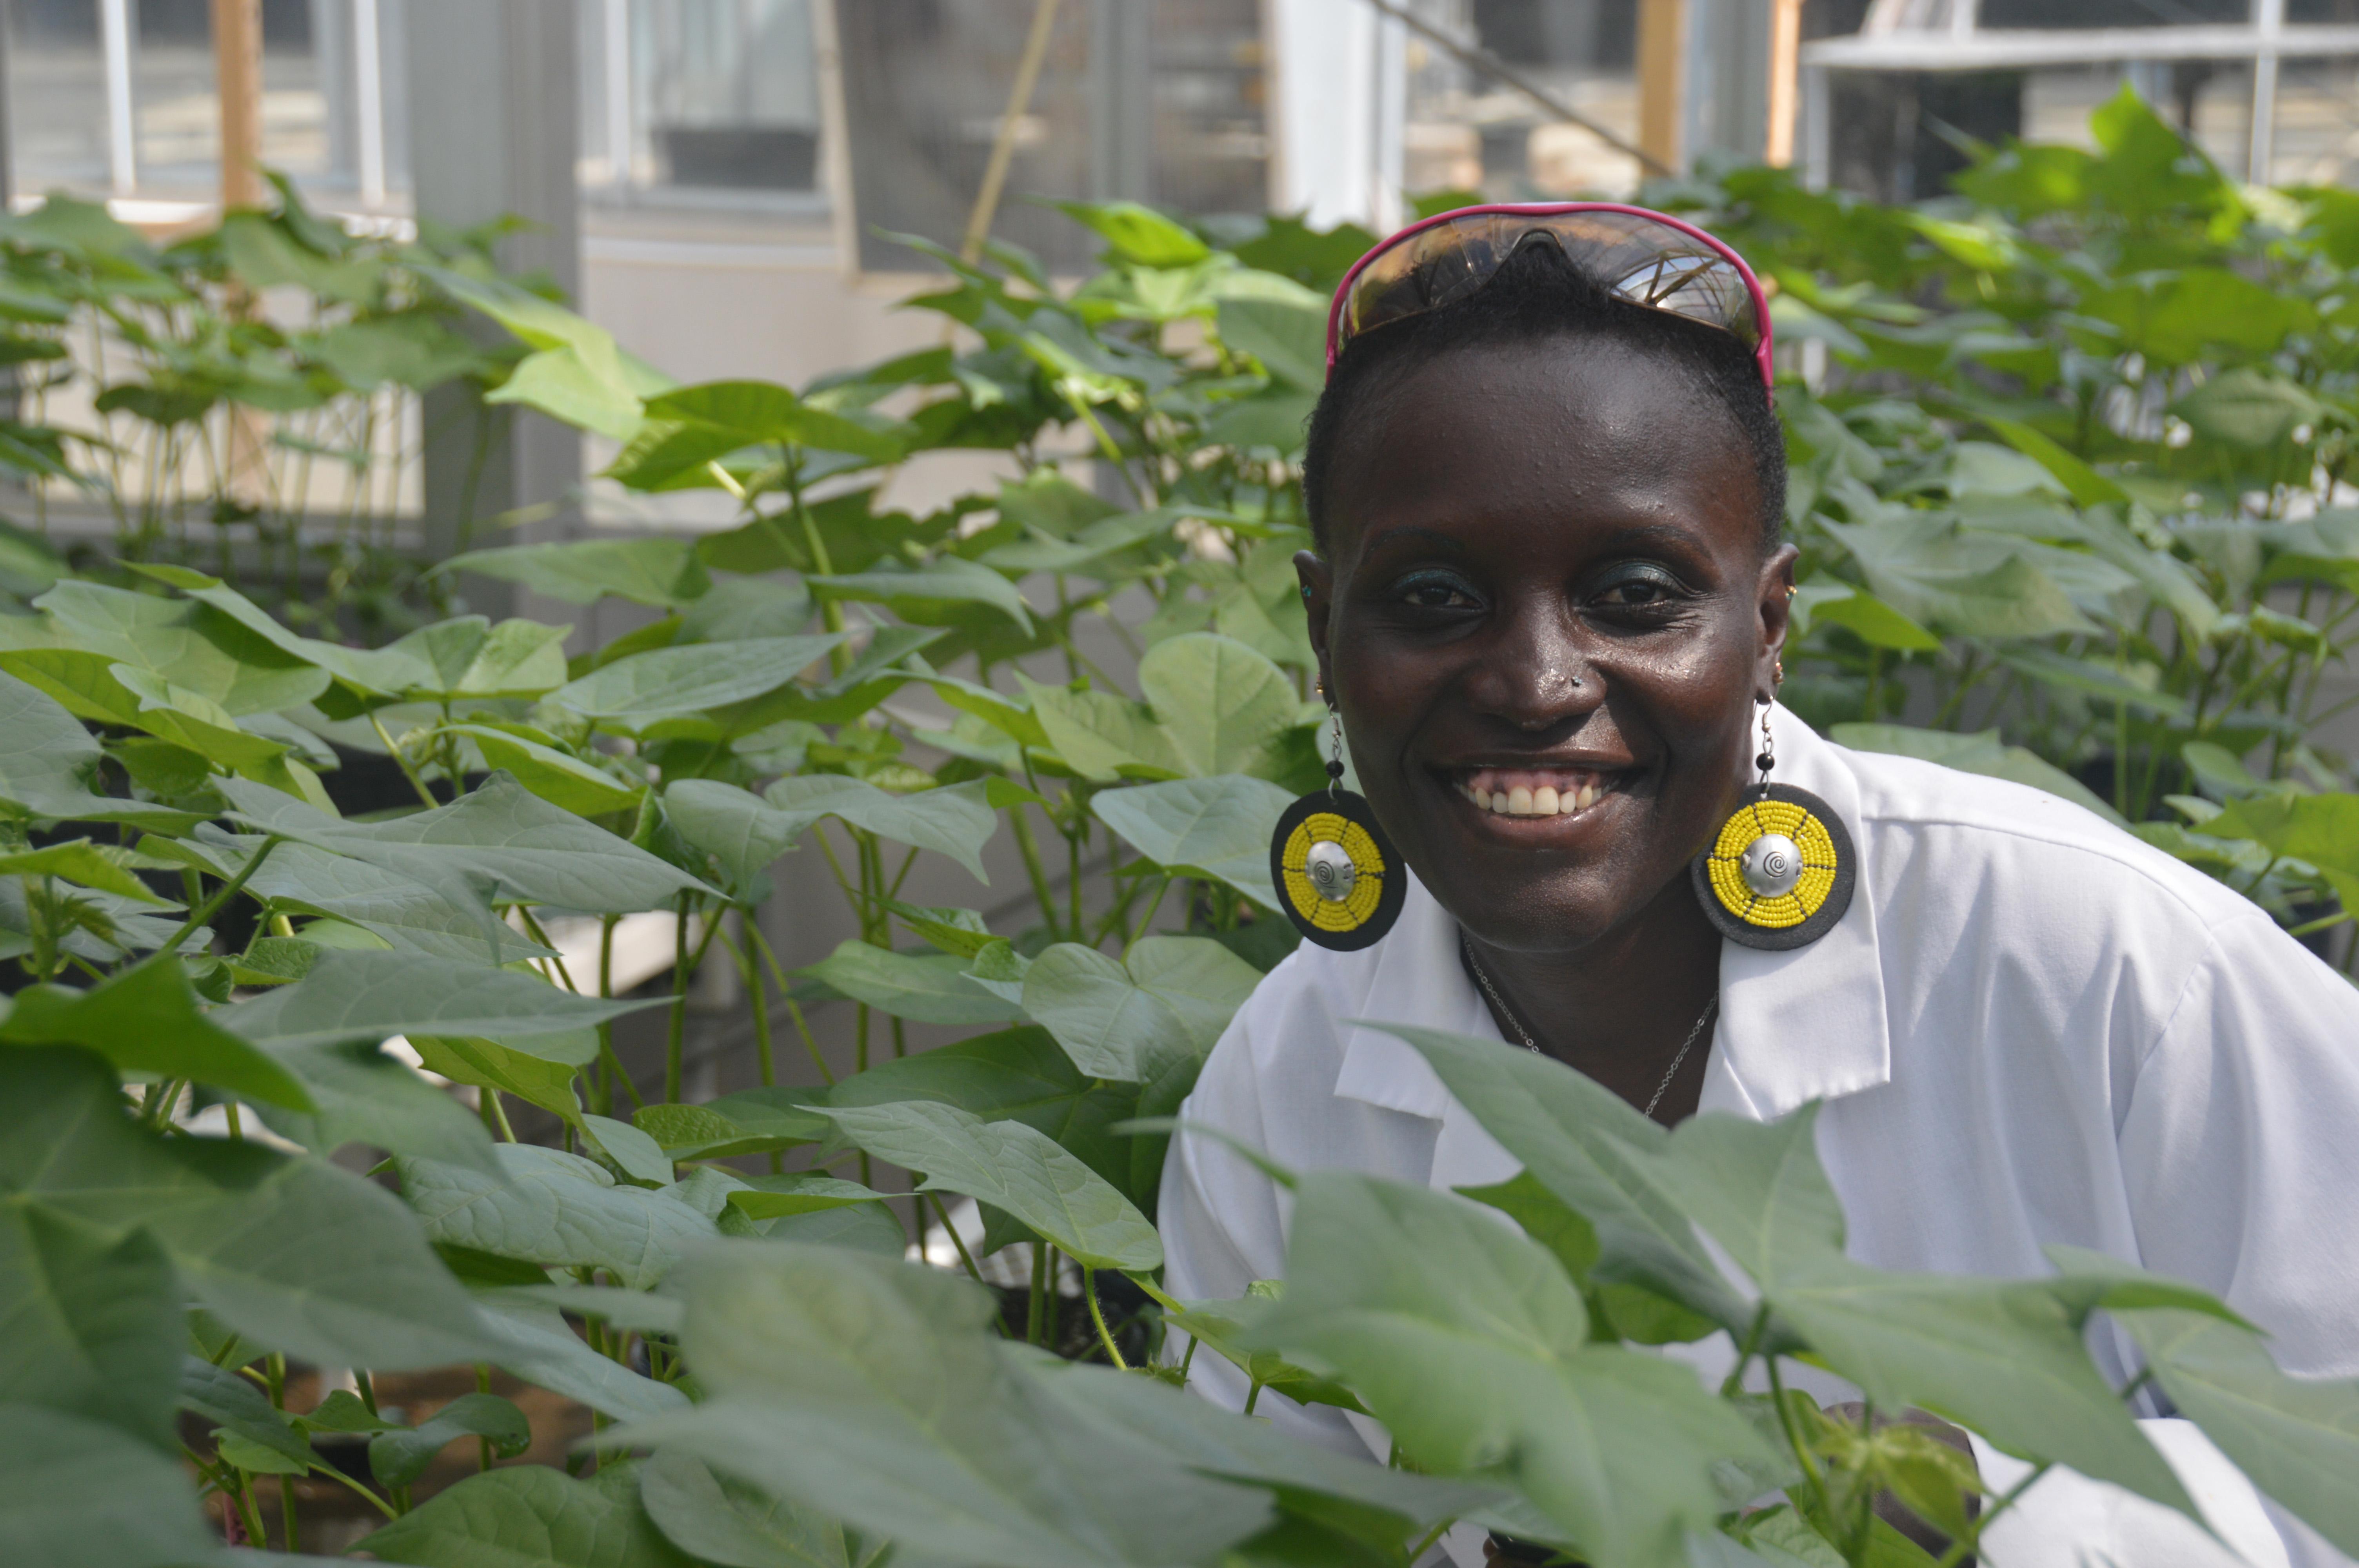 Esther Ngumbi MRH 1808 Extra 2